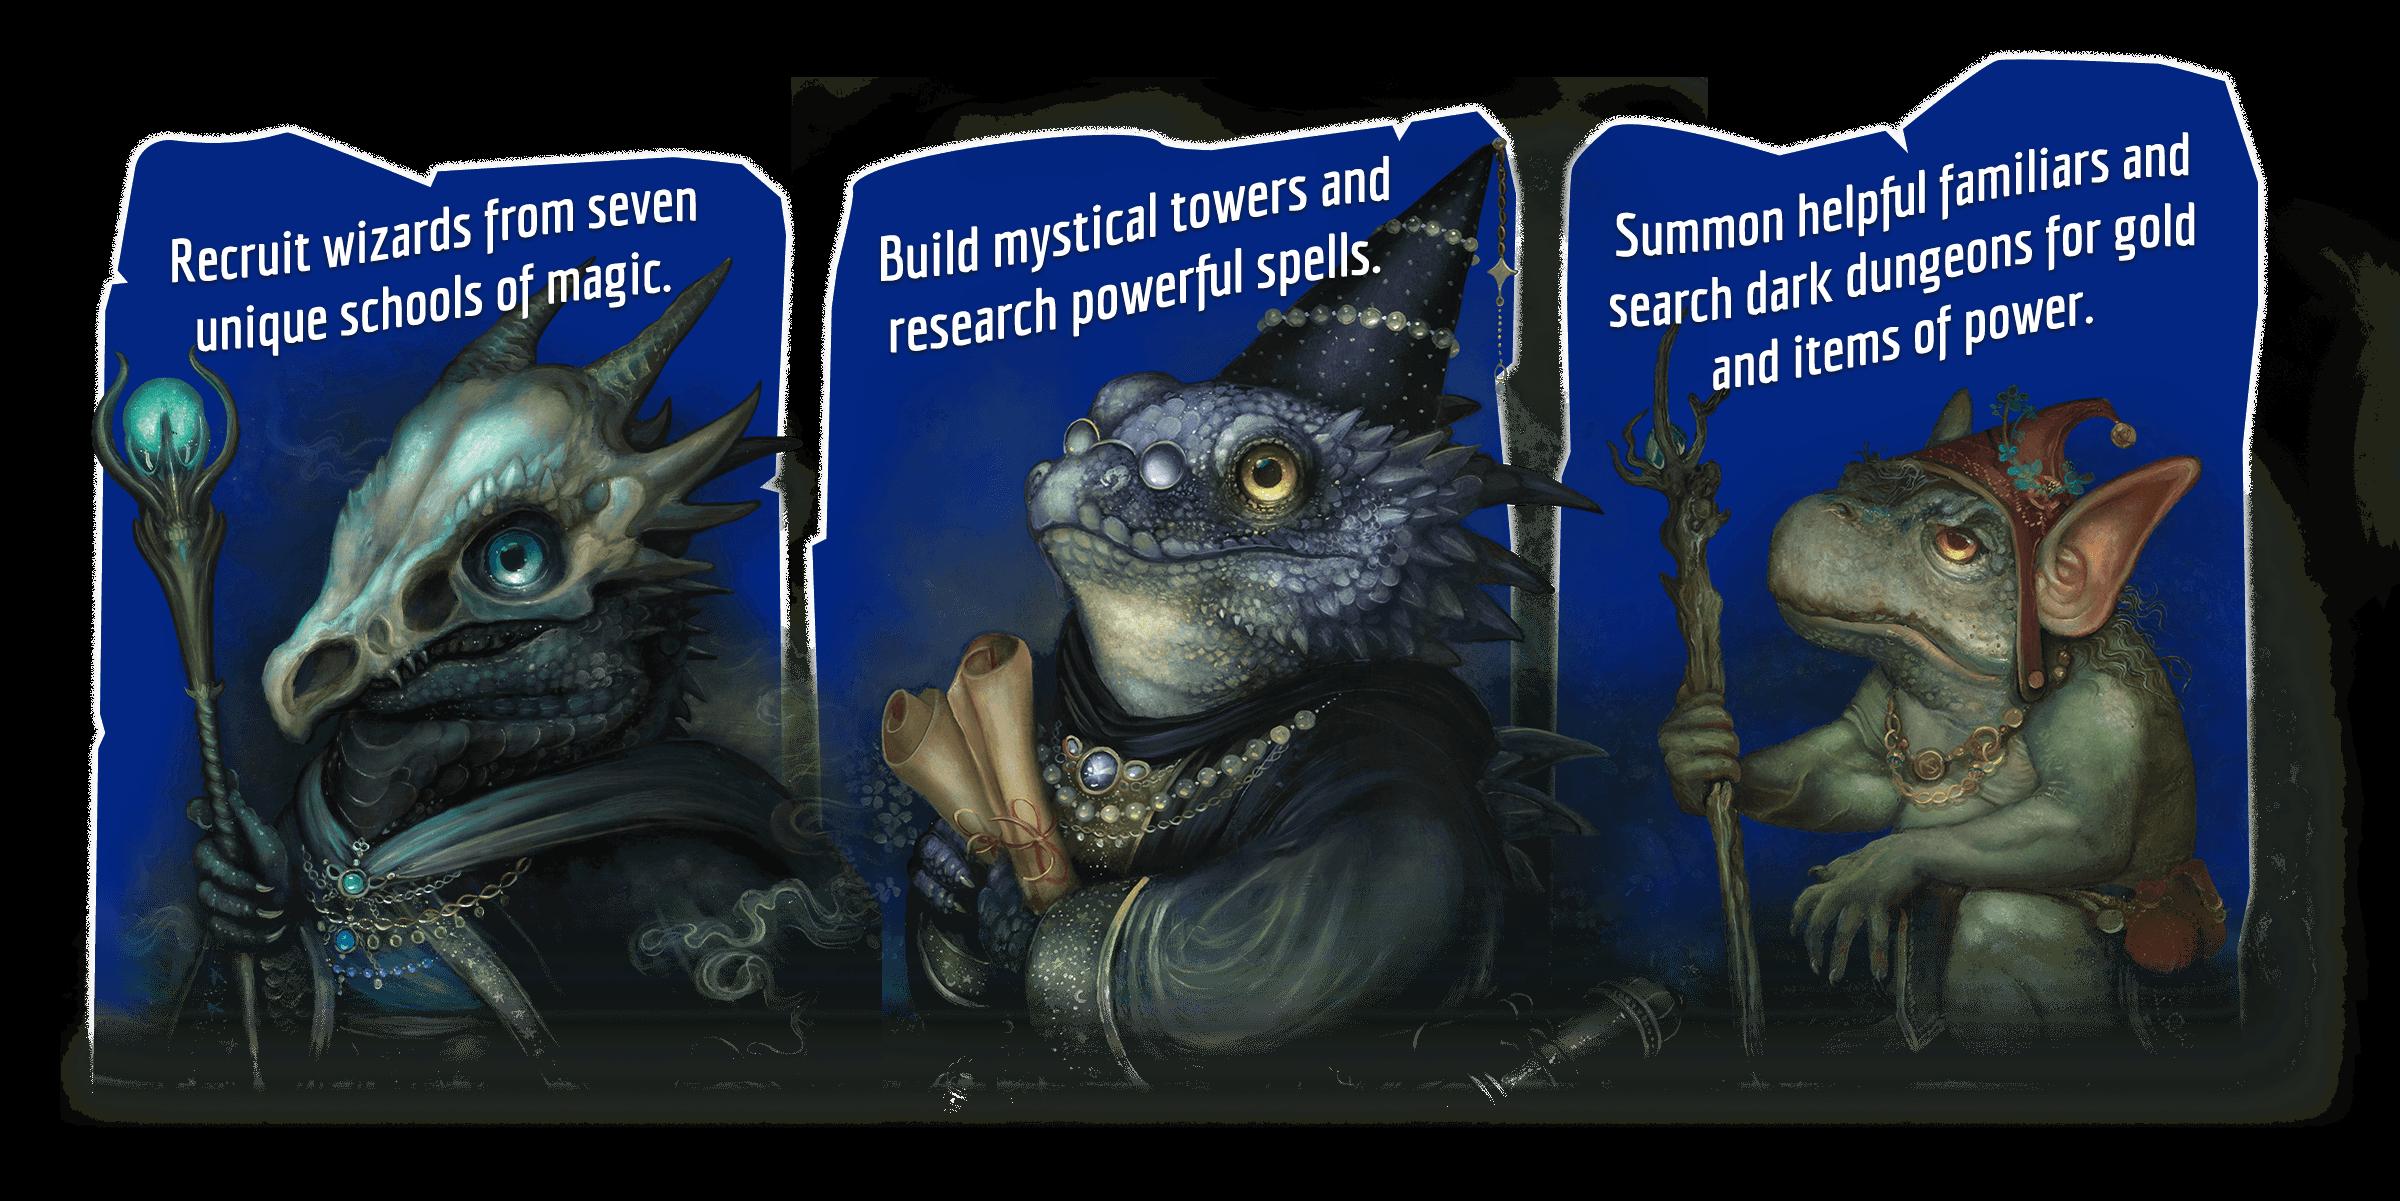 Wizard Wisdom